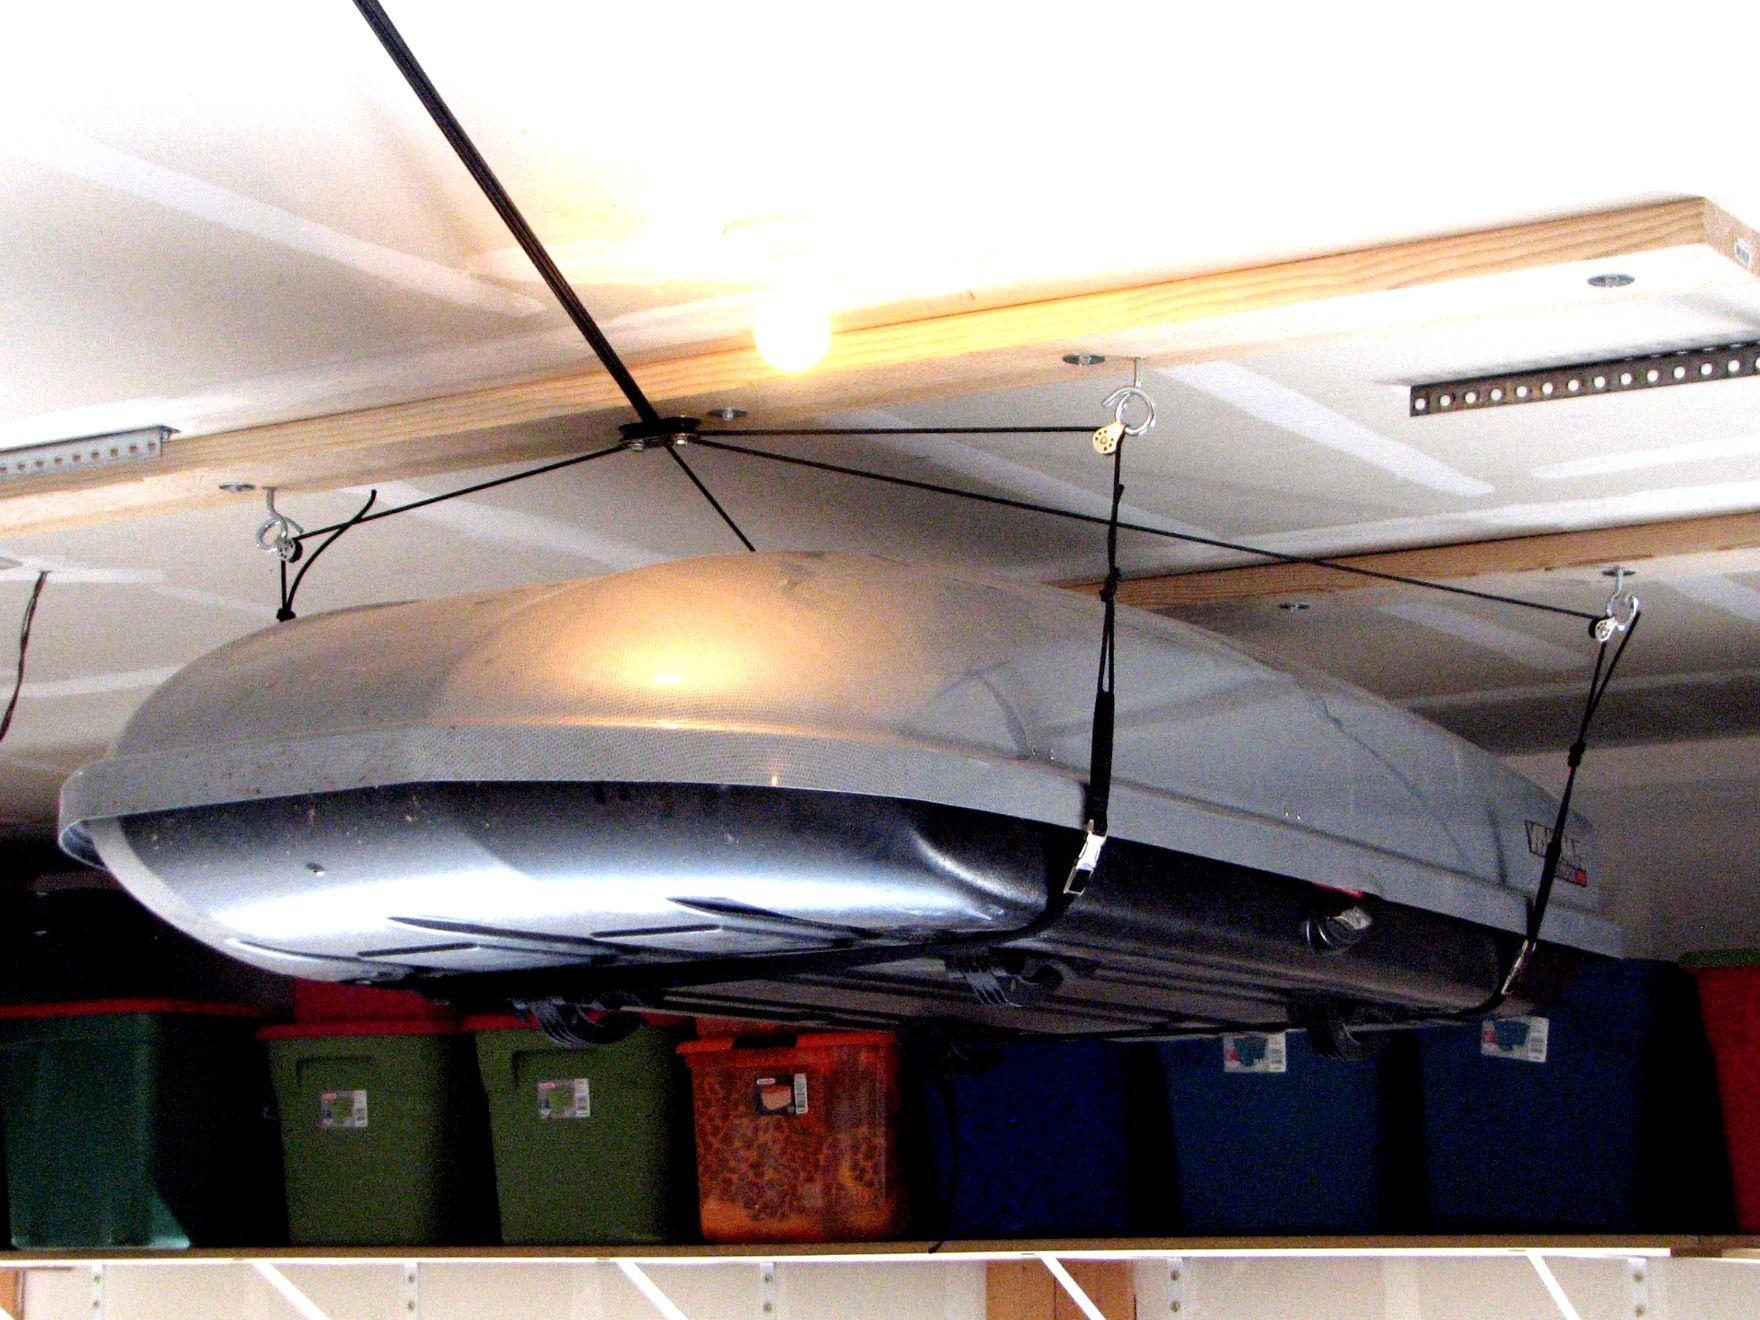 Garage Storage Hoist Overhead Garage Storage Diy Overhead Garage Storage Overhead Garage